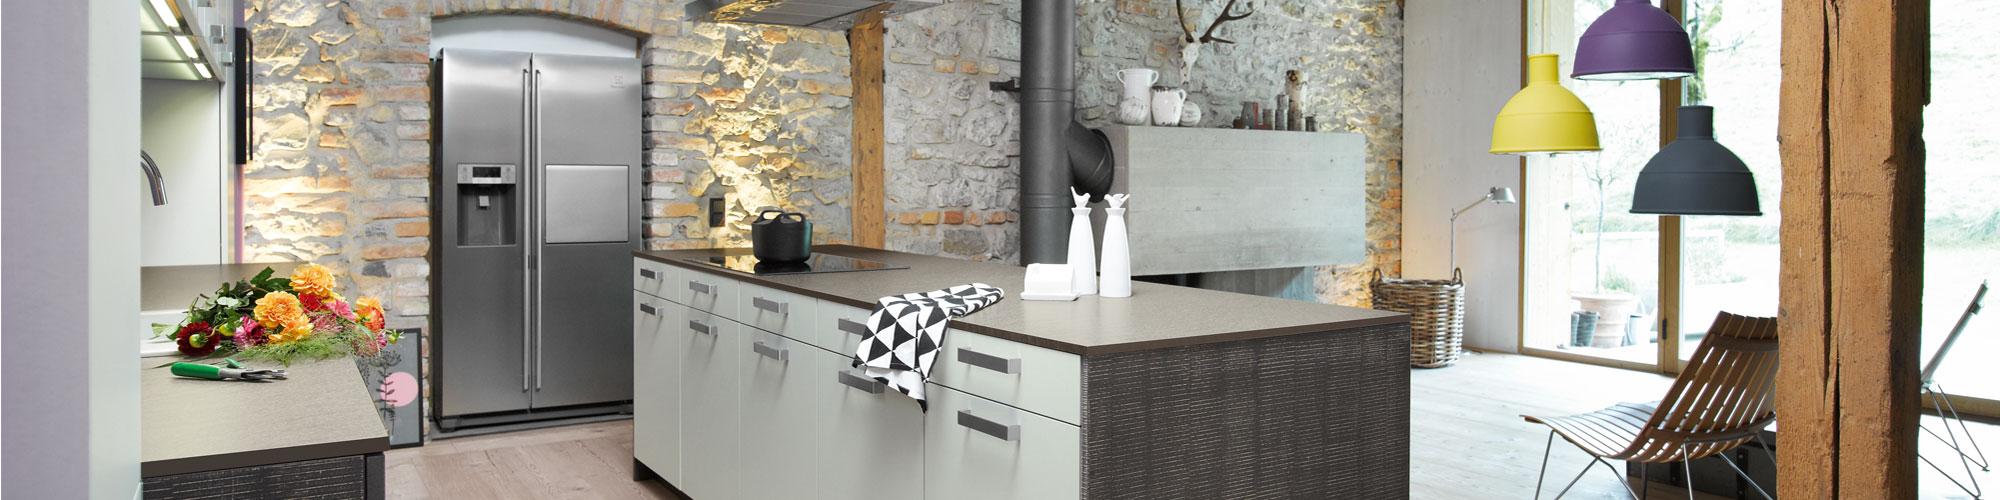 Full Size of Planen Sie Ihre Traumkche In 3 Minuten Kchenzentrum Marchtal Inselküche Abverkauf Bad Massivholzküche Wohnzimmer Massivholzküche Abverkauf